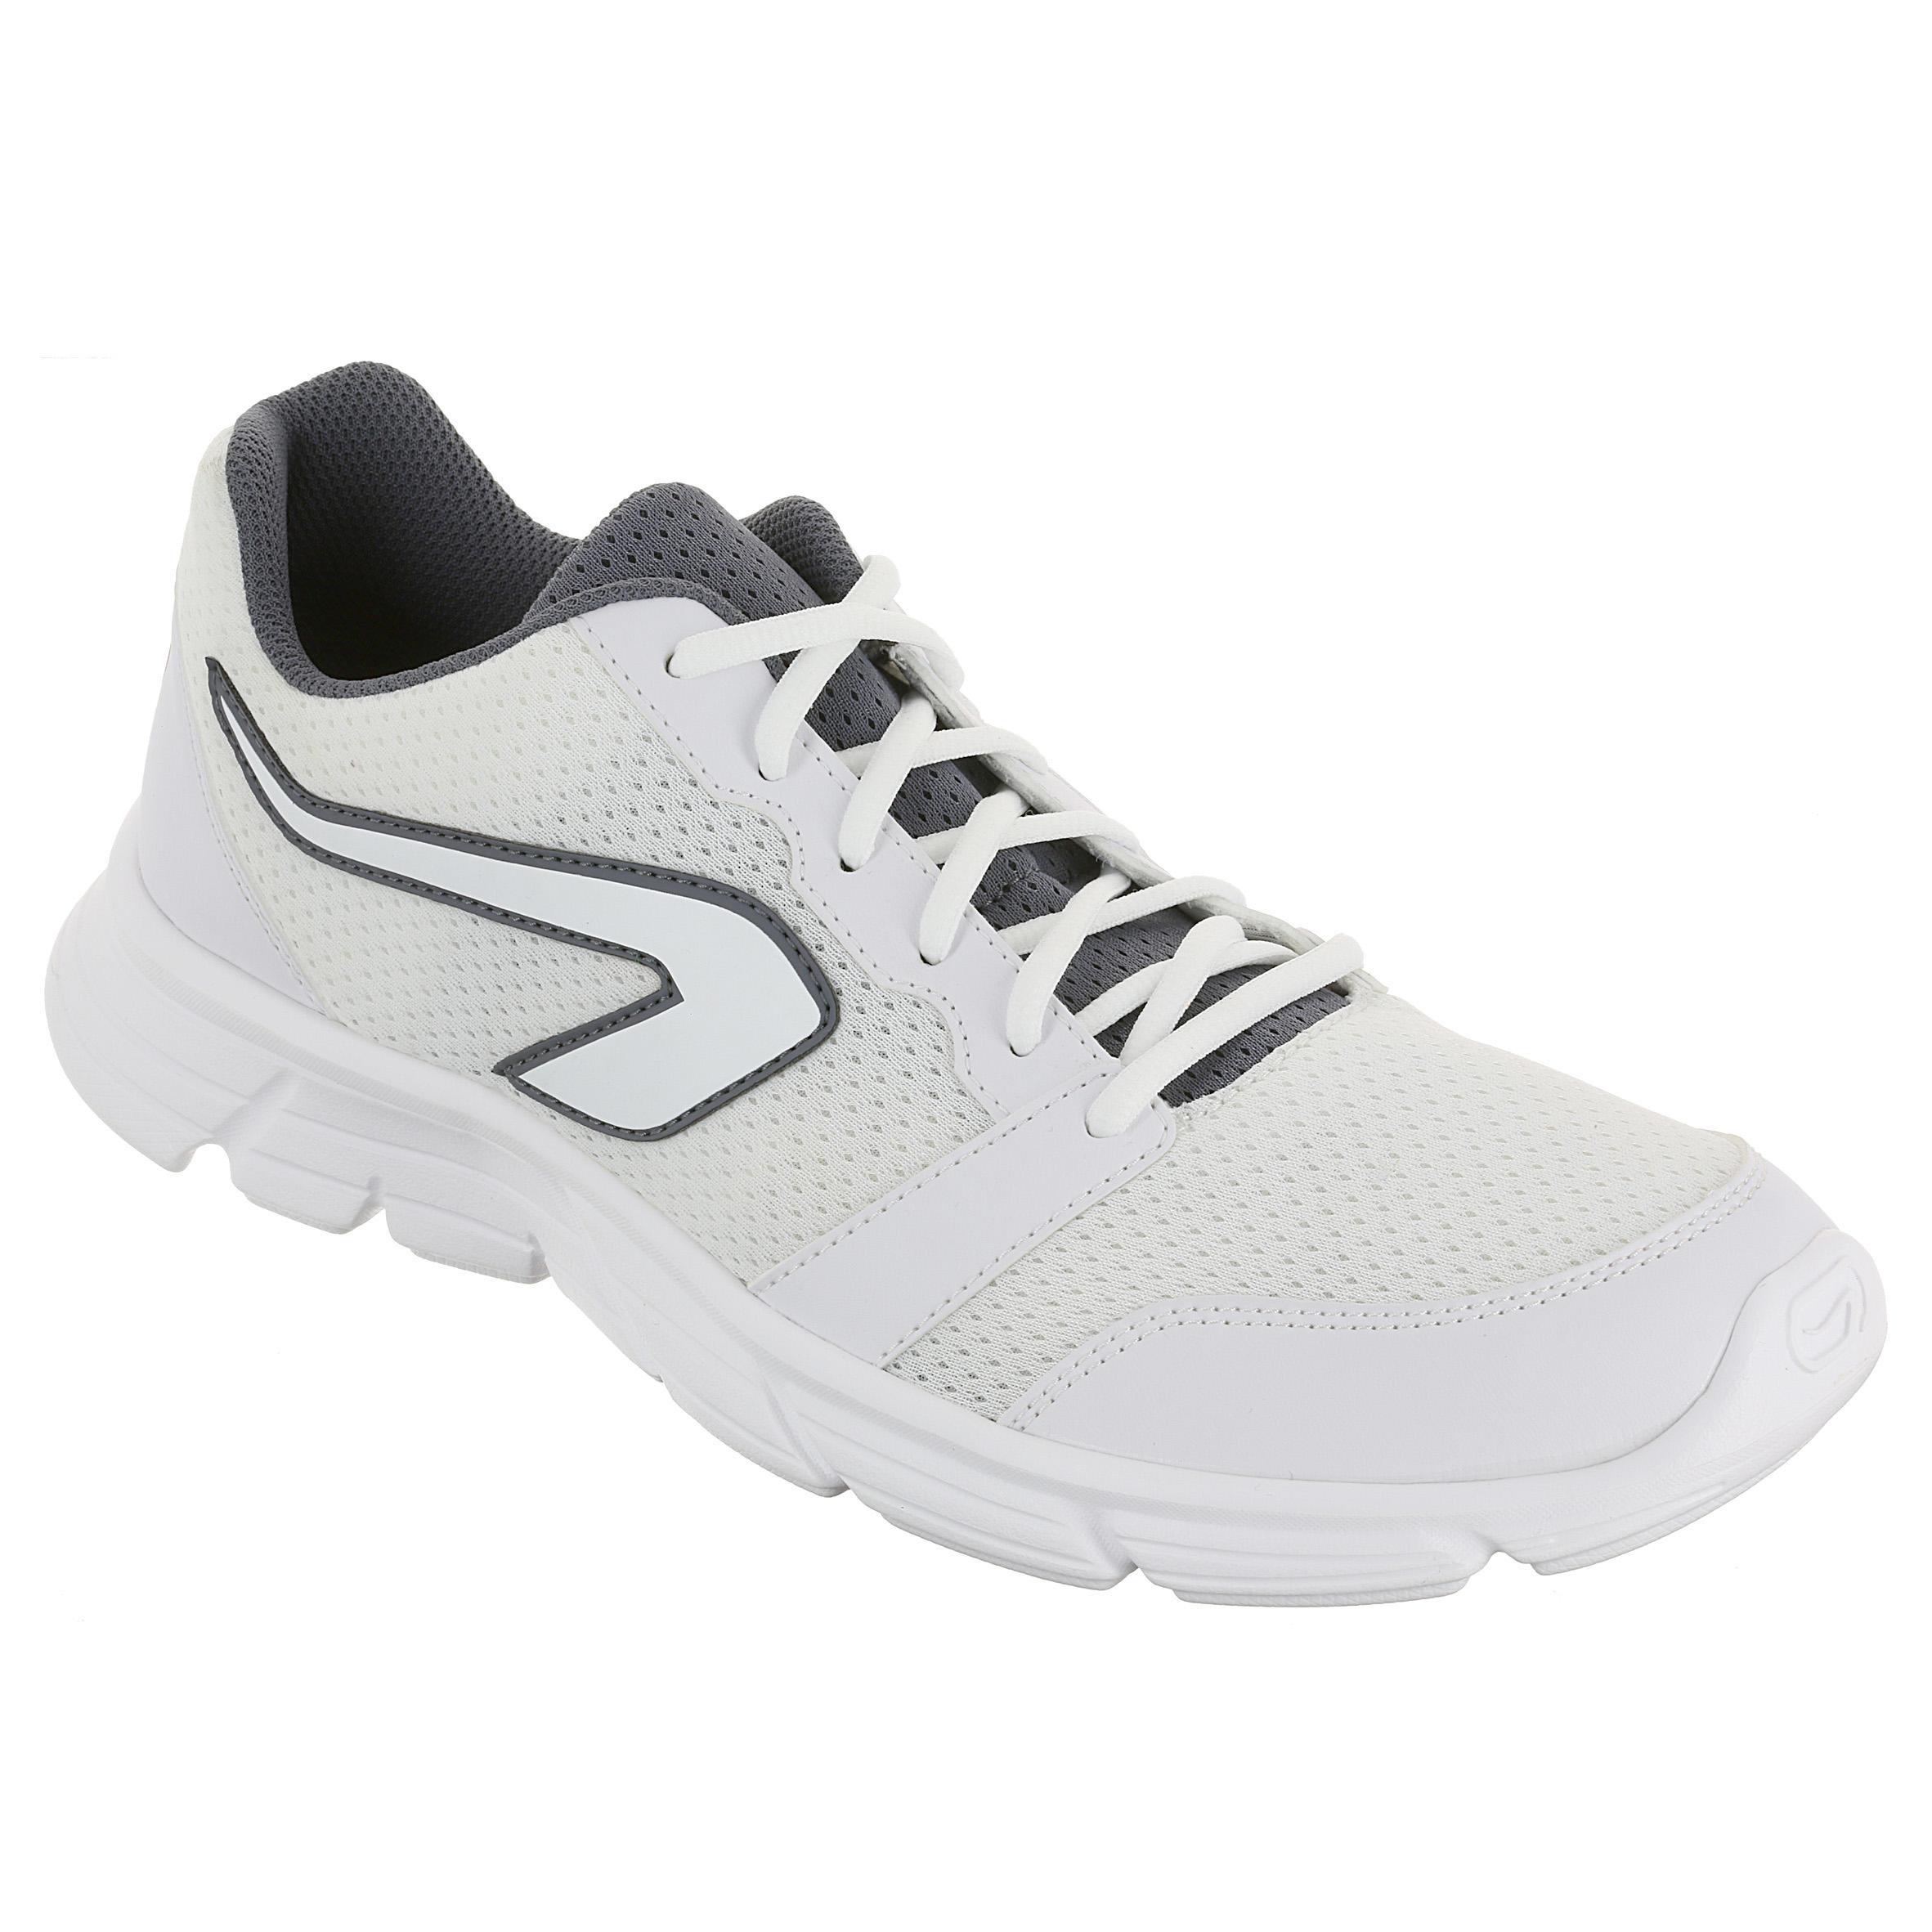 KALENJI Run One Men's Running Shoes